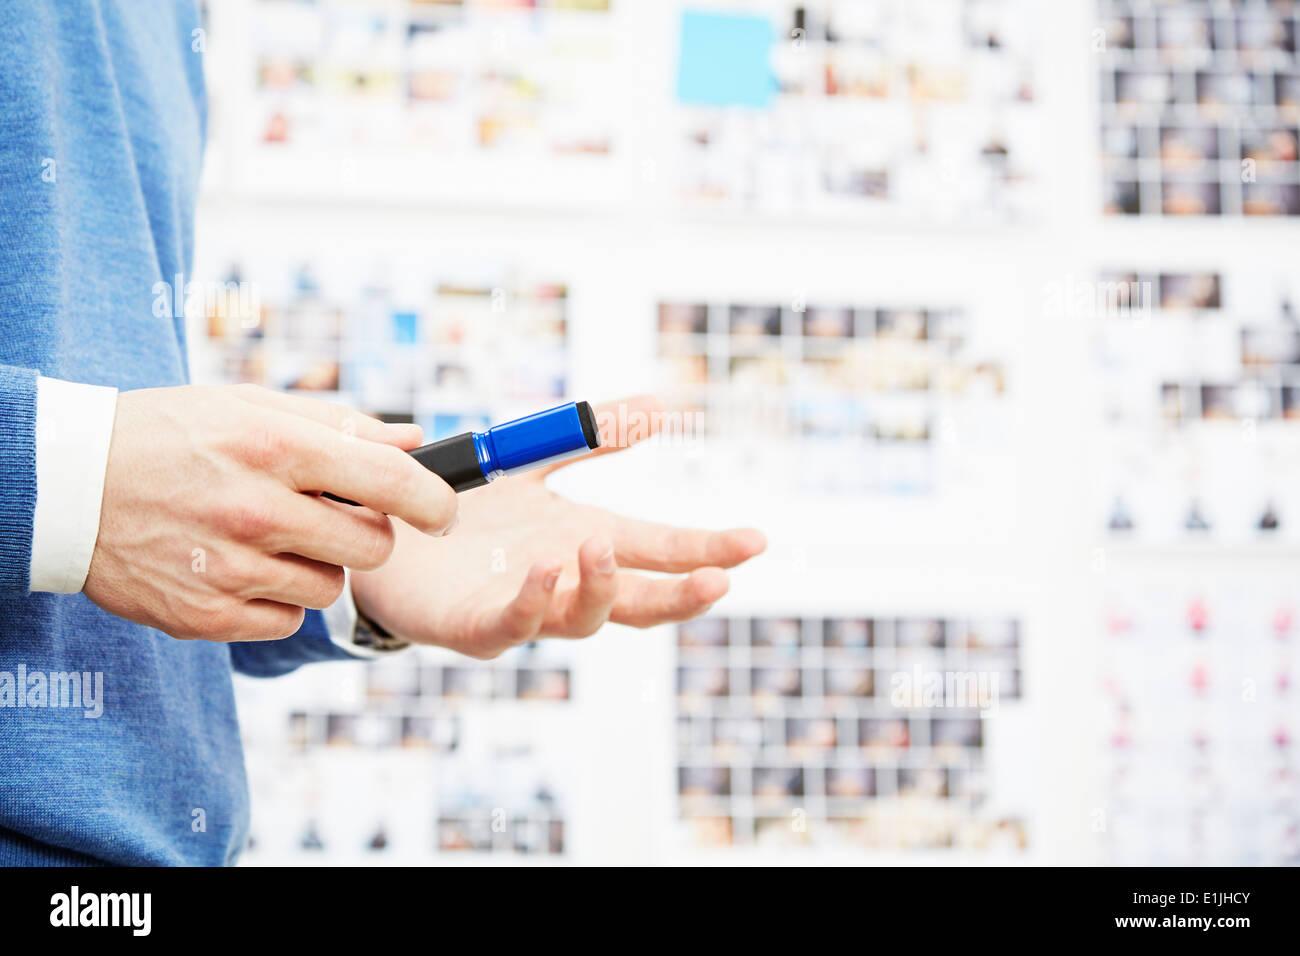 Cerca de joven sosteniendo pen, gesticulando Imagen De Stock